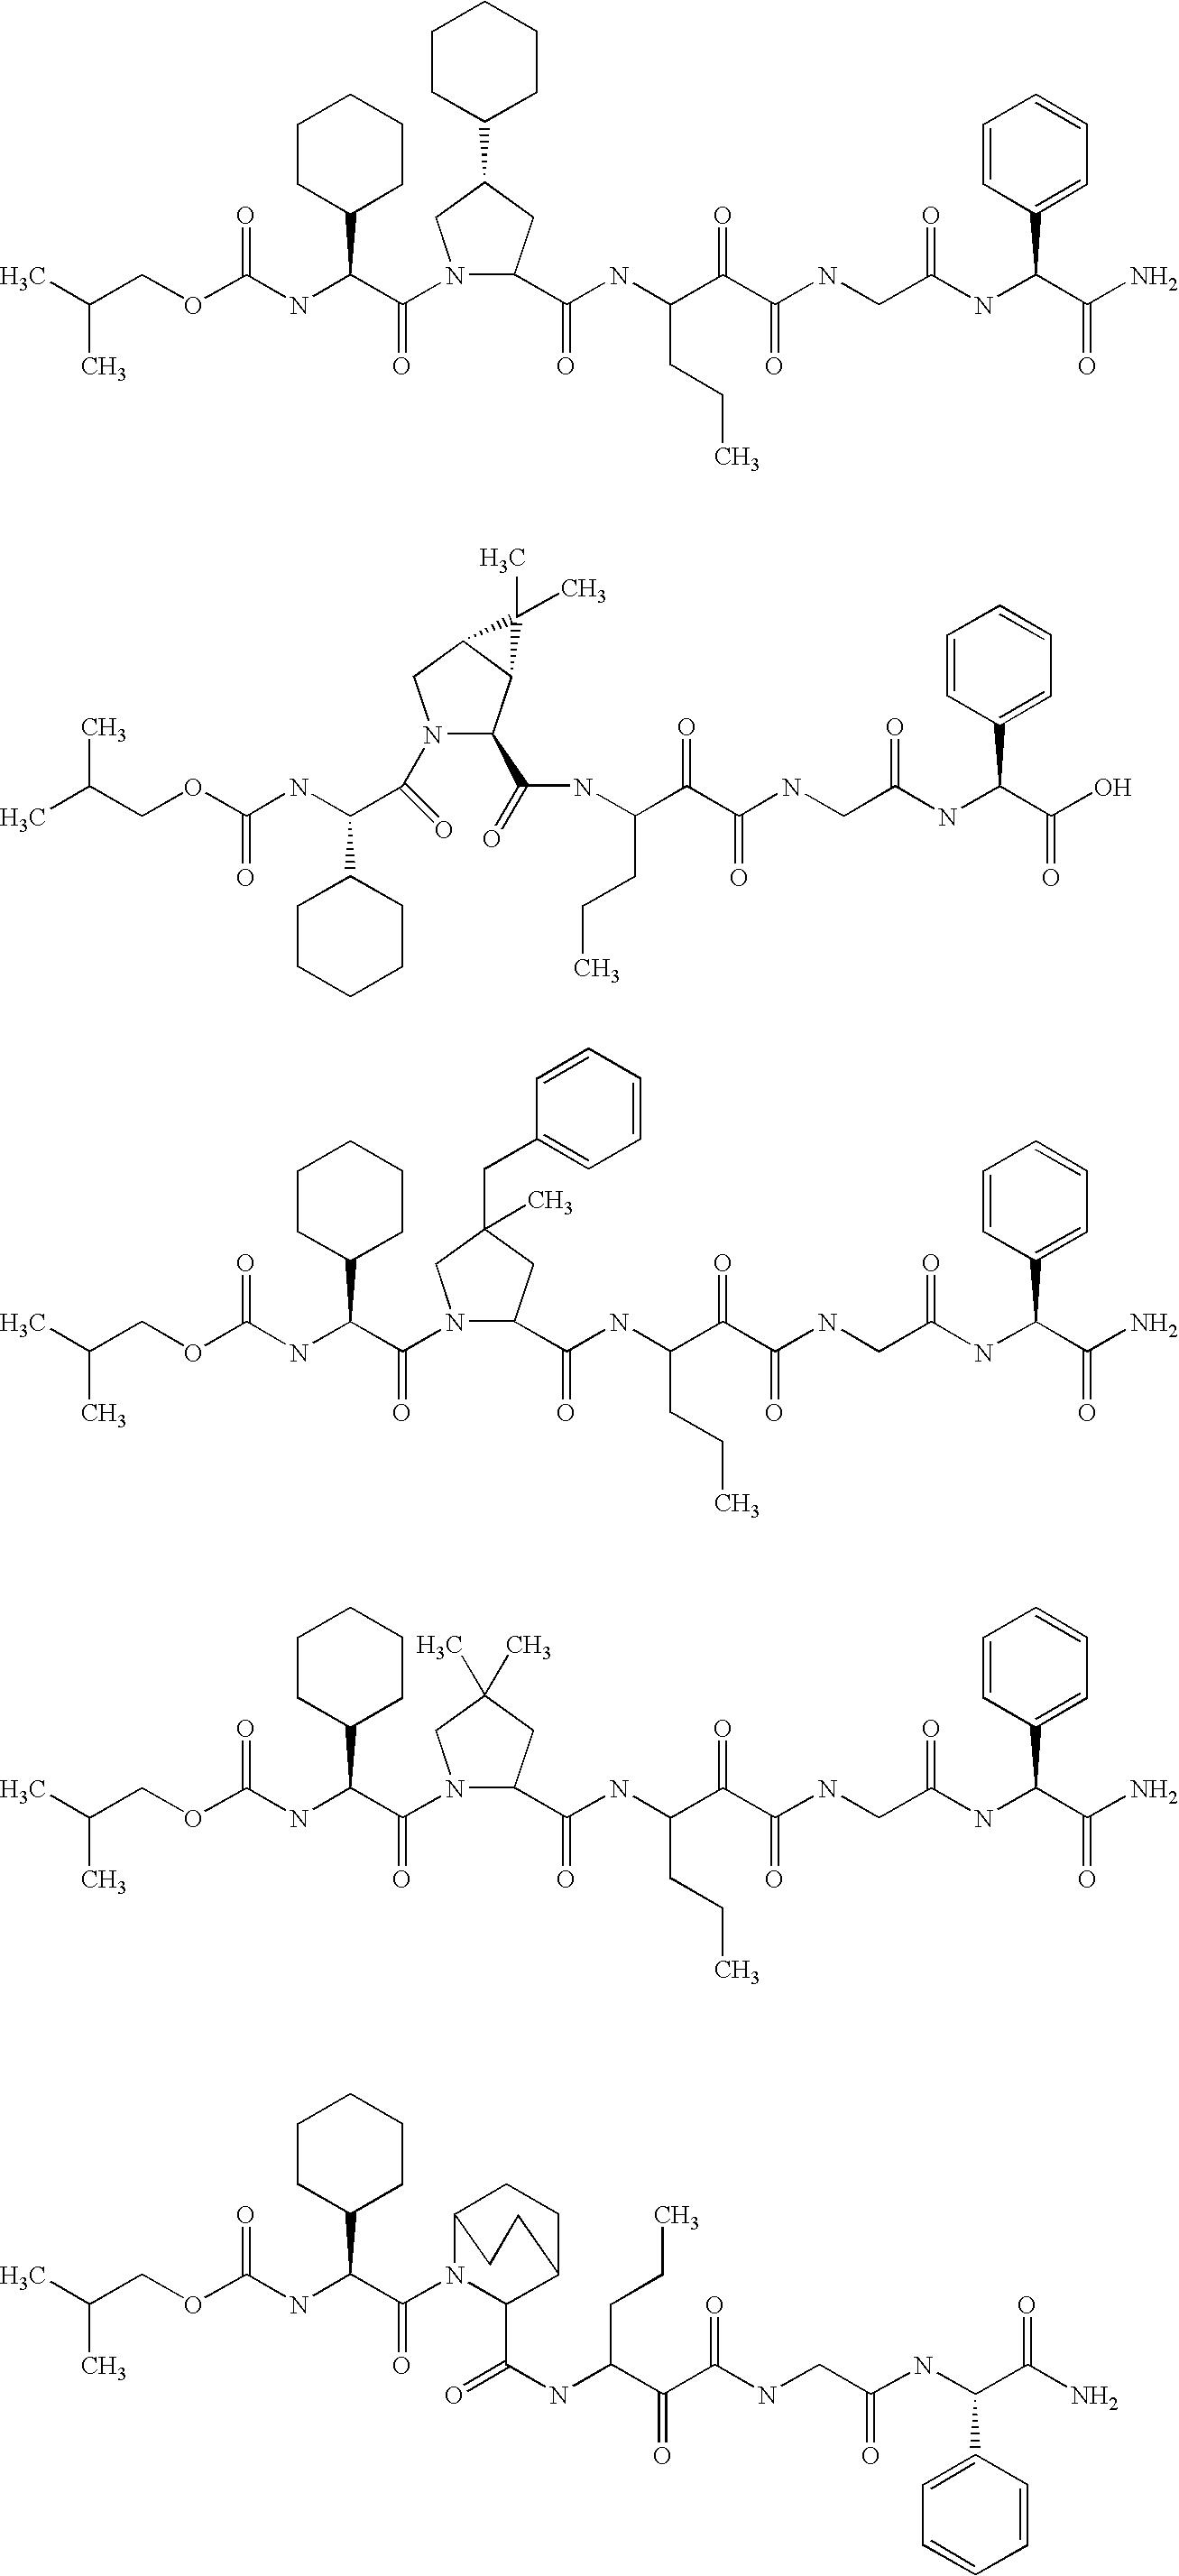 Figure US20060287248A1-20061221-C00136